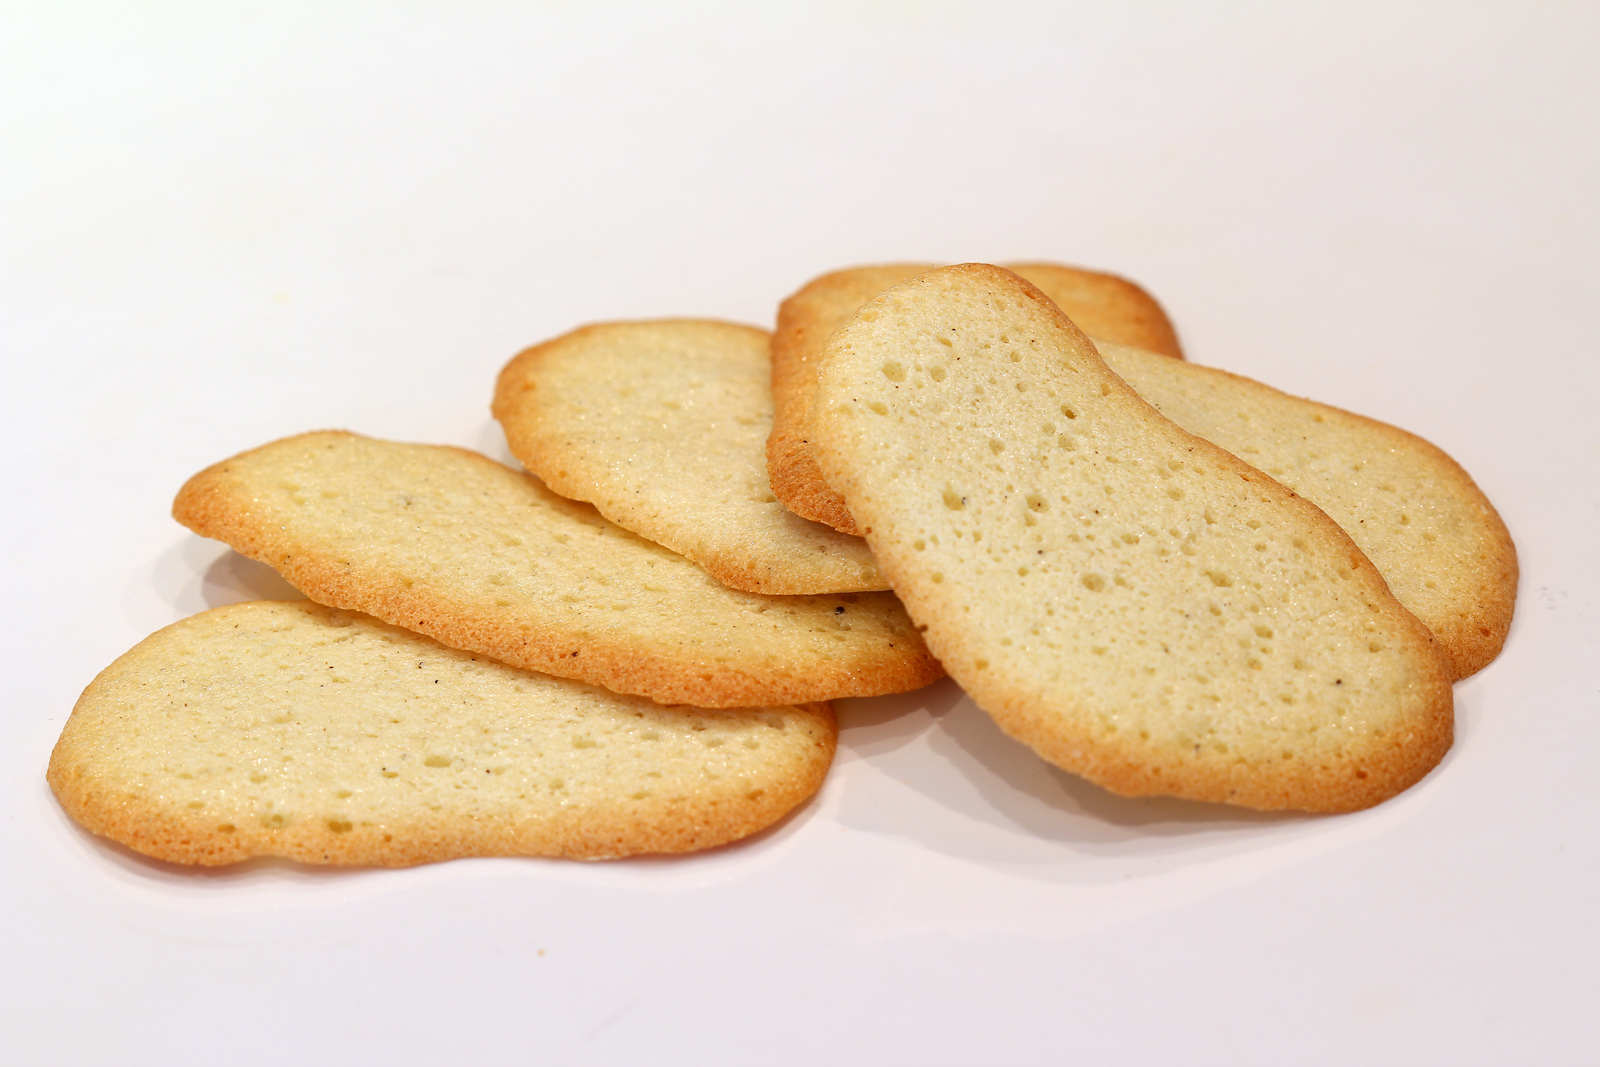 Le mercredi c'est pâtisserie: Langues de chat